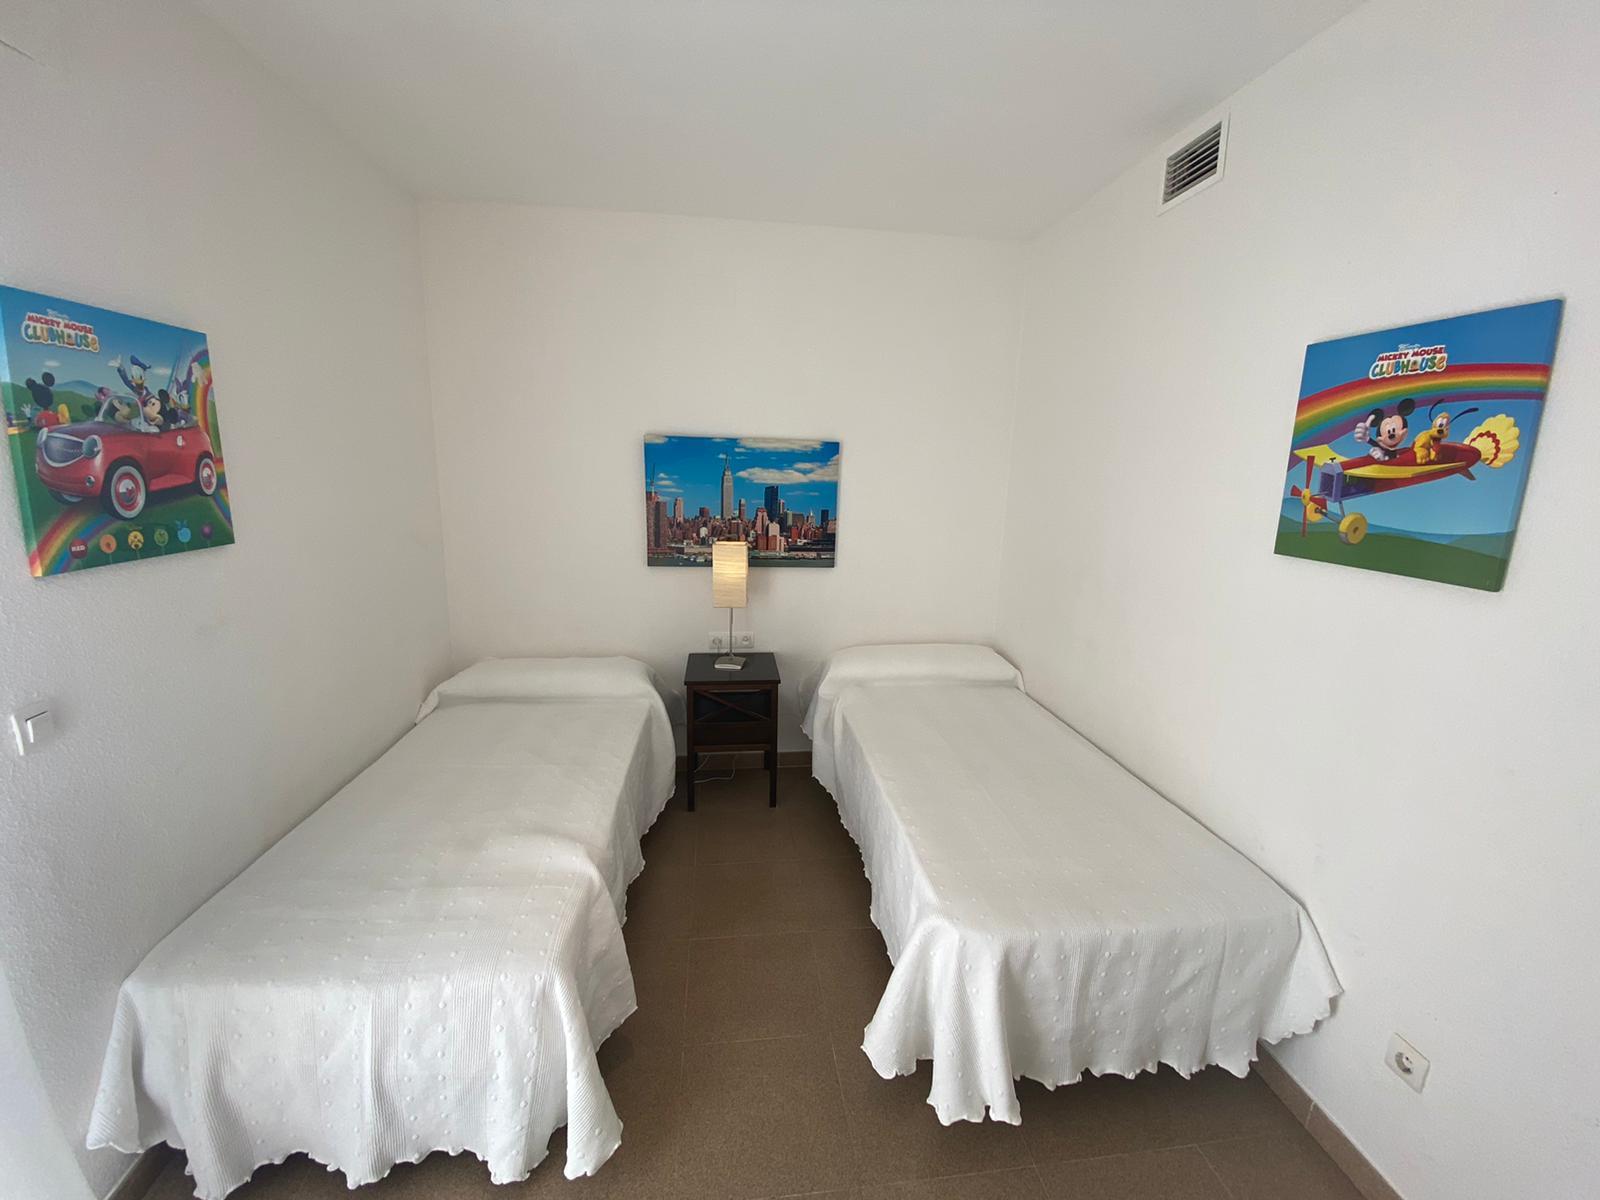 Imagen 38 del Apartamento Turístico, Ático 3 Levante, Frontal (4d+2b), Punta del Moral (HUELVA), Paseo de la Cruz nº22